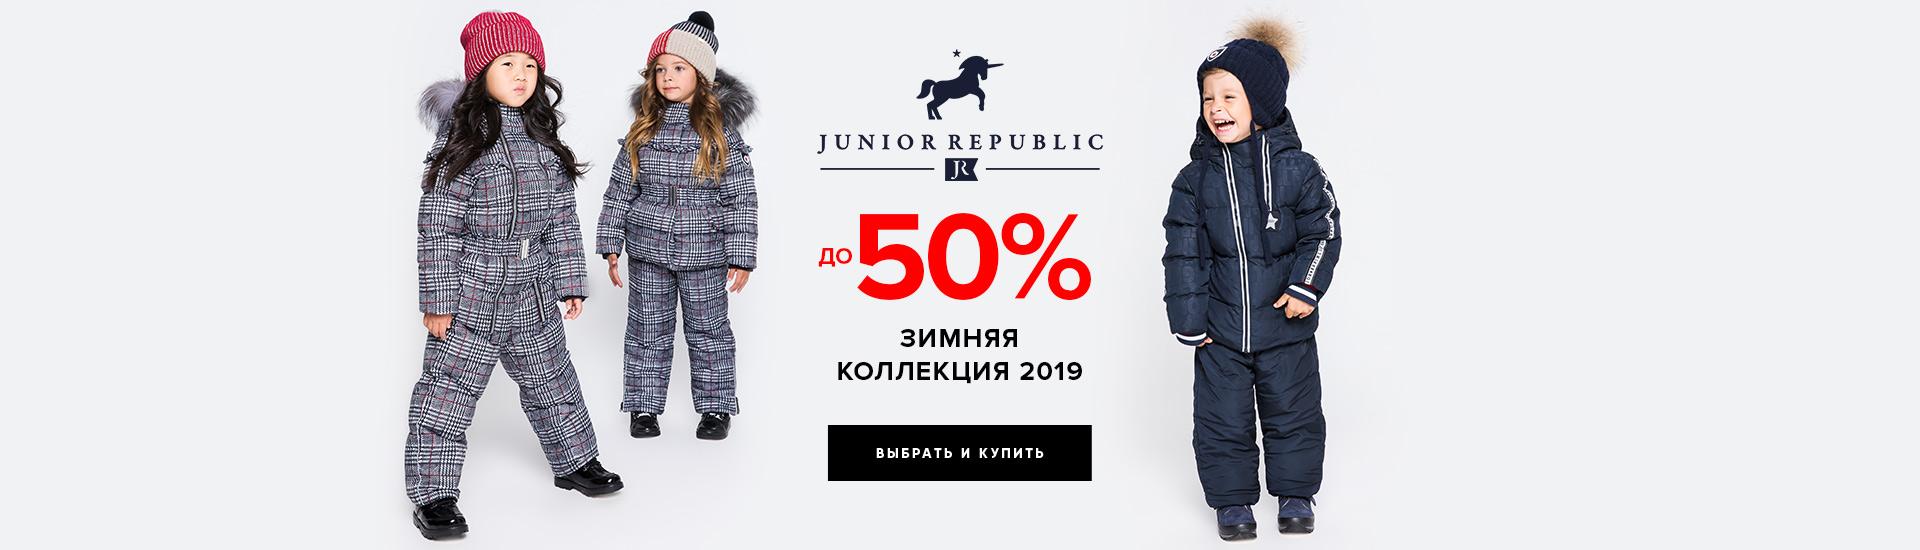 Junior Republic